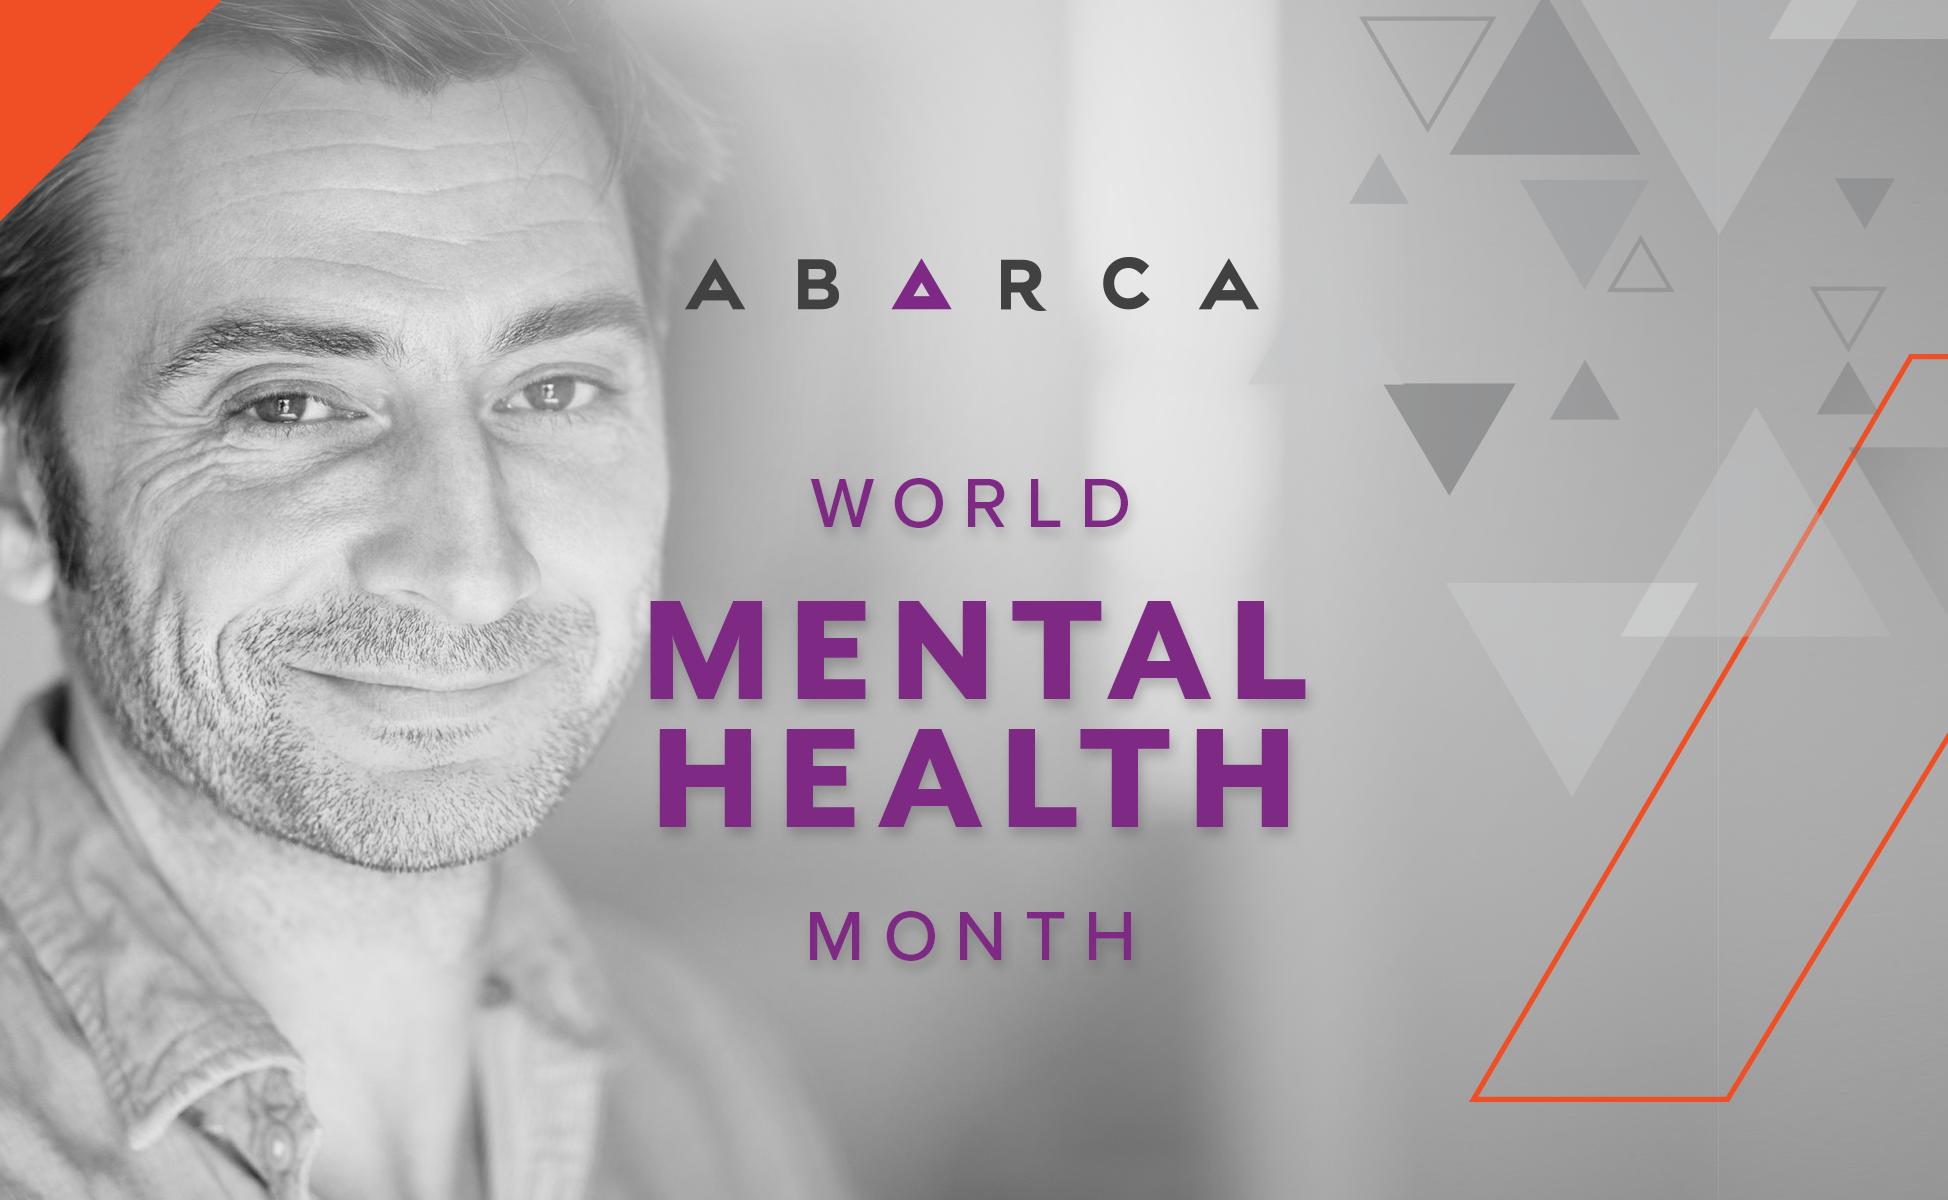 Abarca brings awareness to mental health_break the stigma_Mental Health Awareness Month